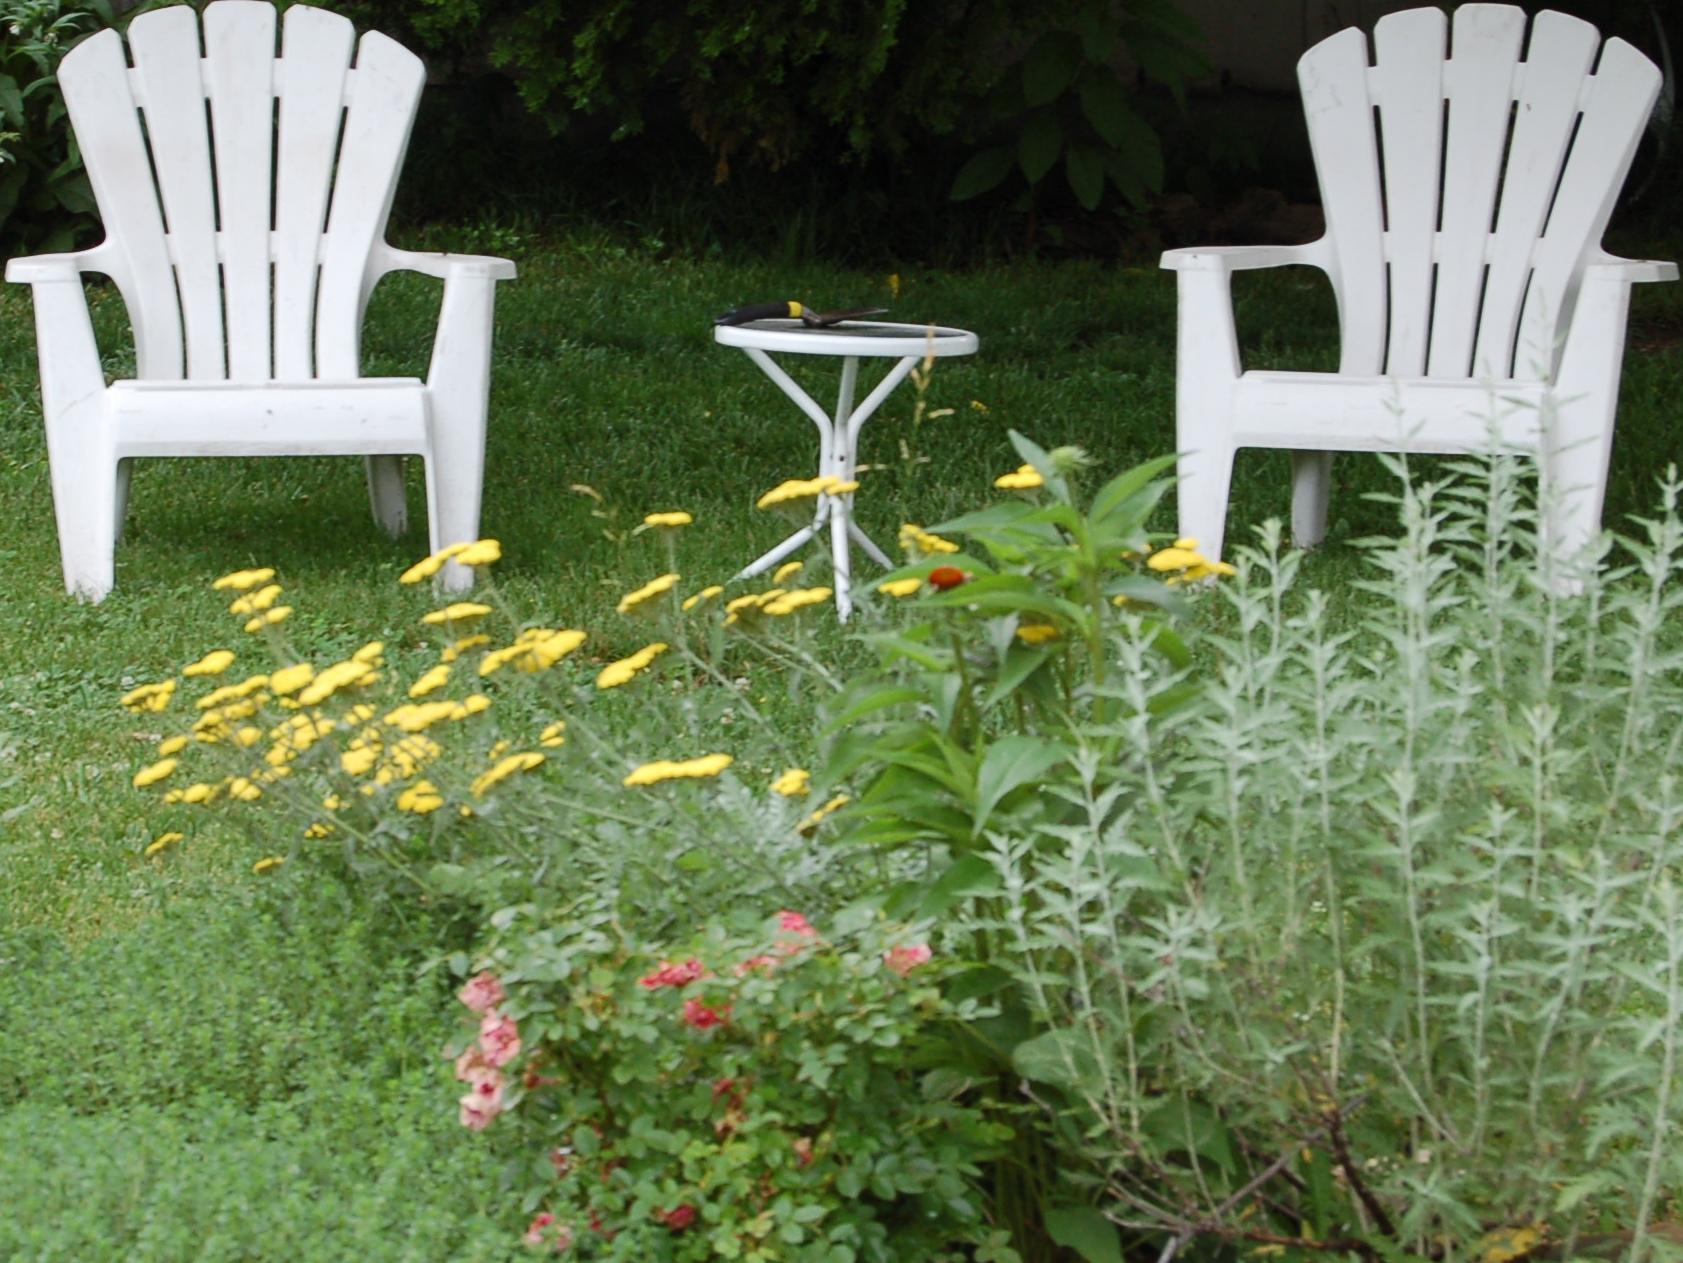 Gartenarbeit hilft gegen Depressionen